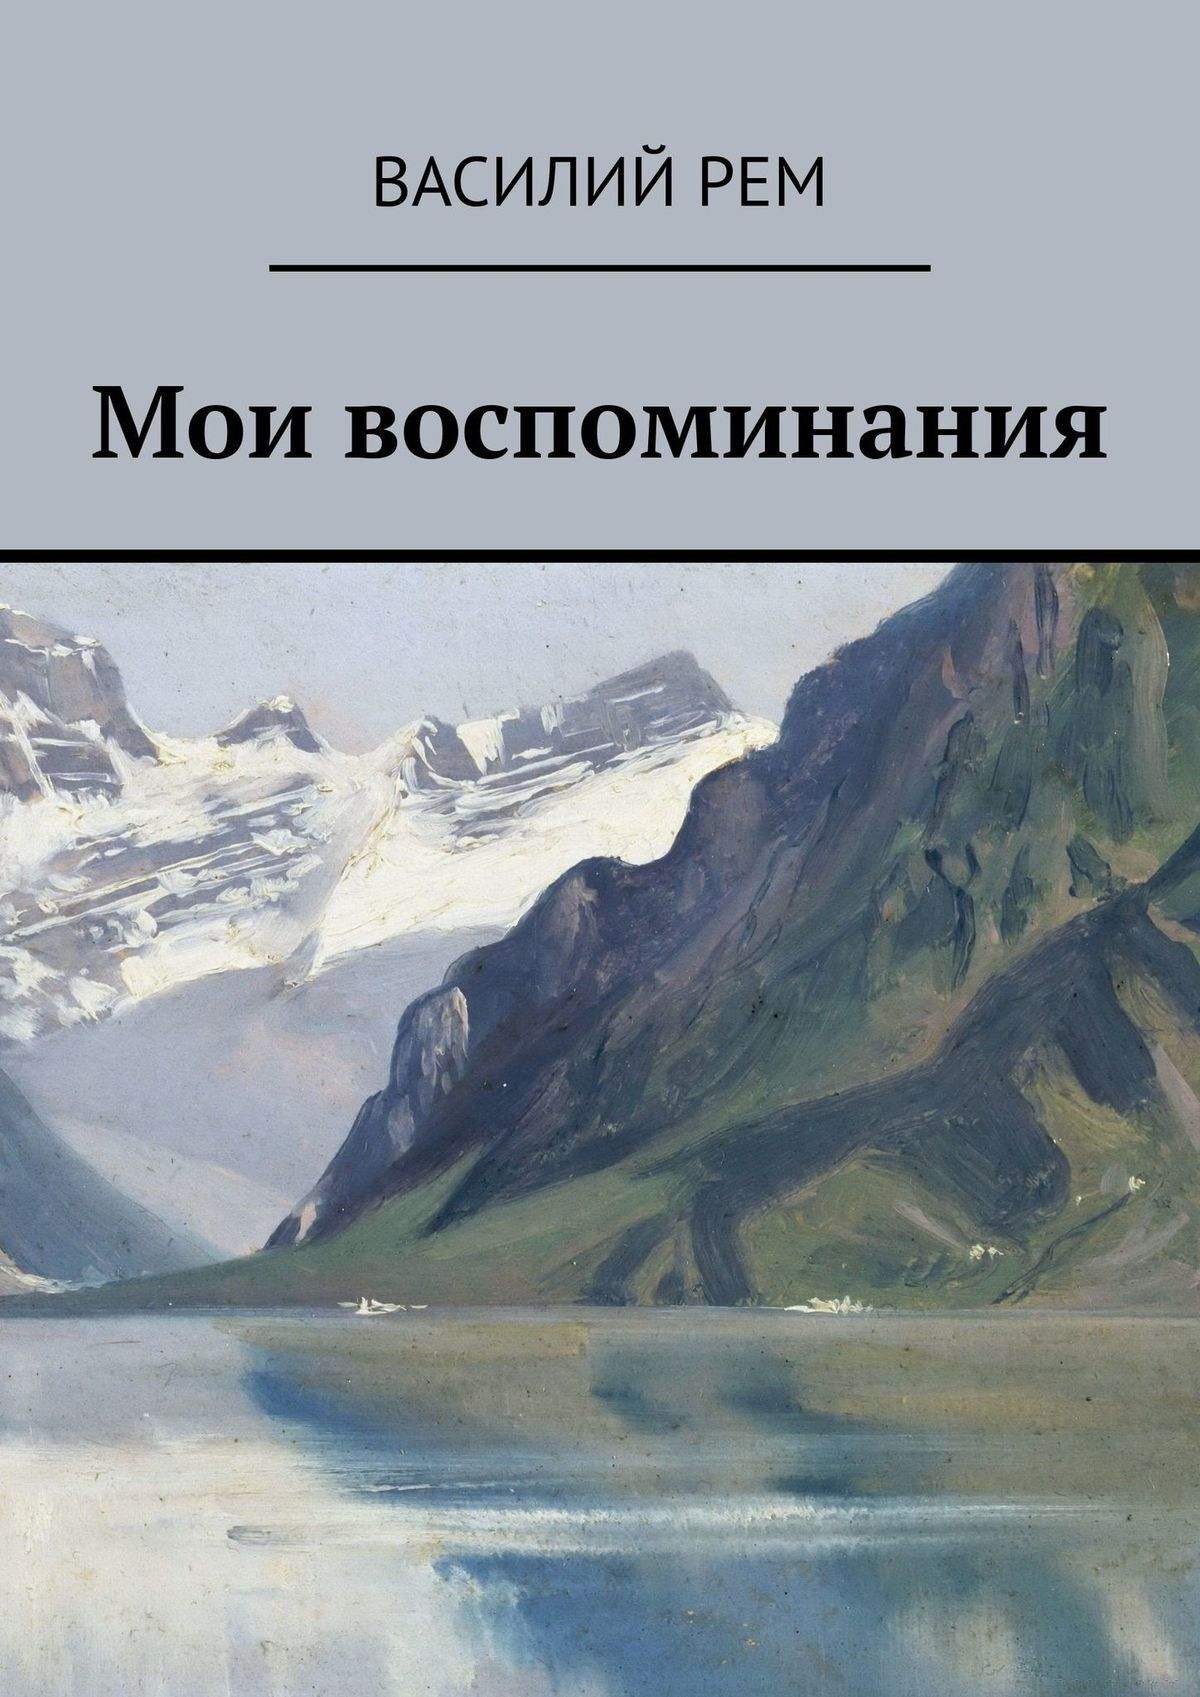 Василий Рем Мои воспоминания и детективы. Рождённый вСССР василий рем стихи длявсех